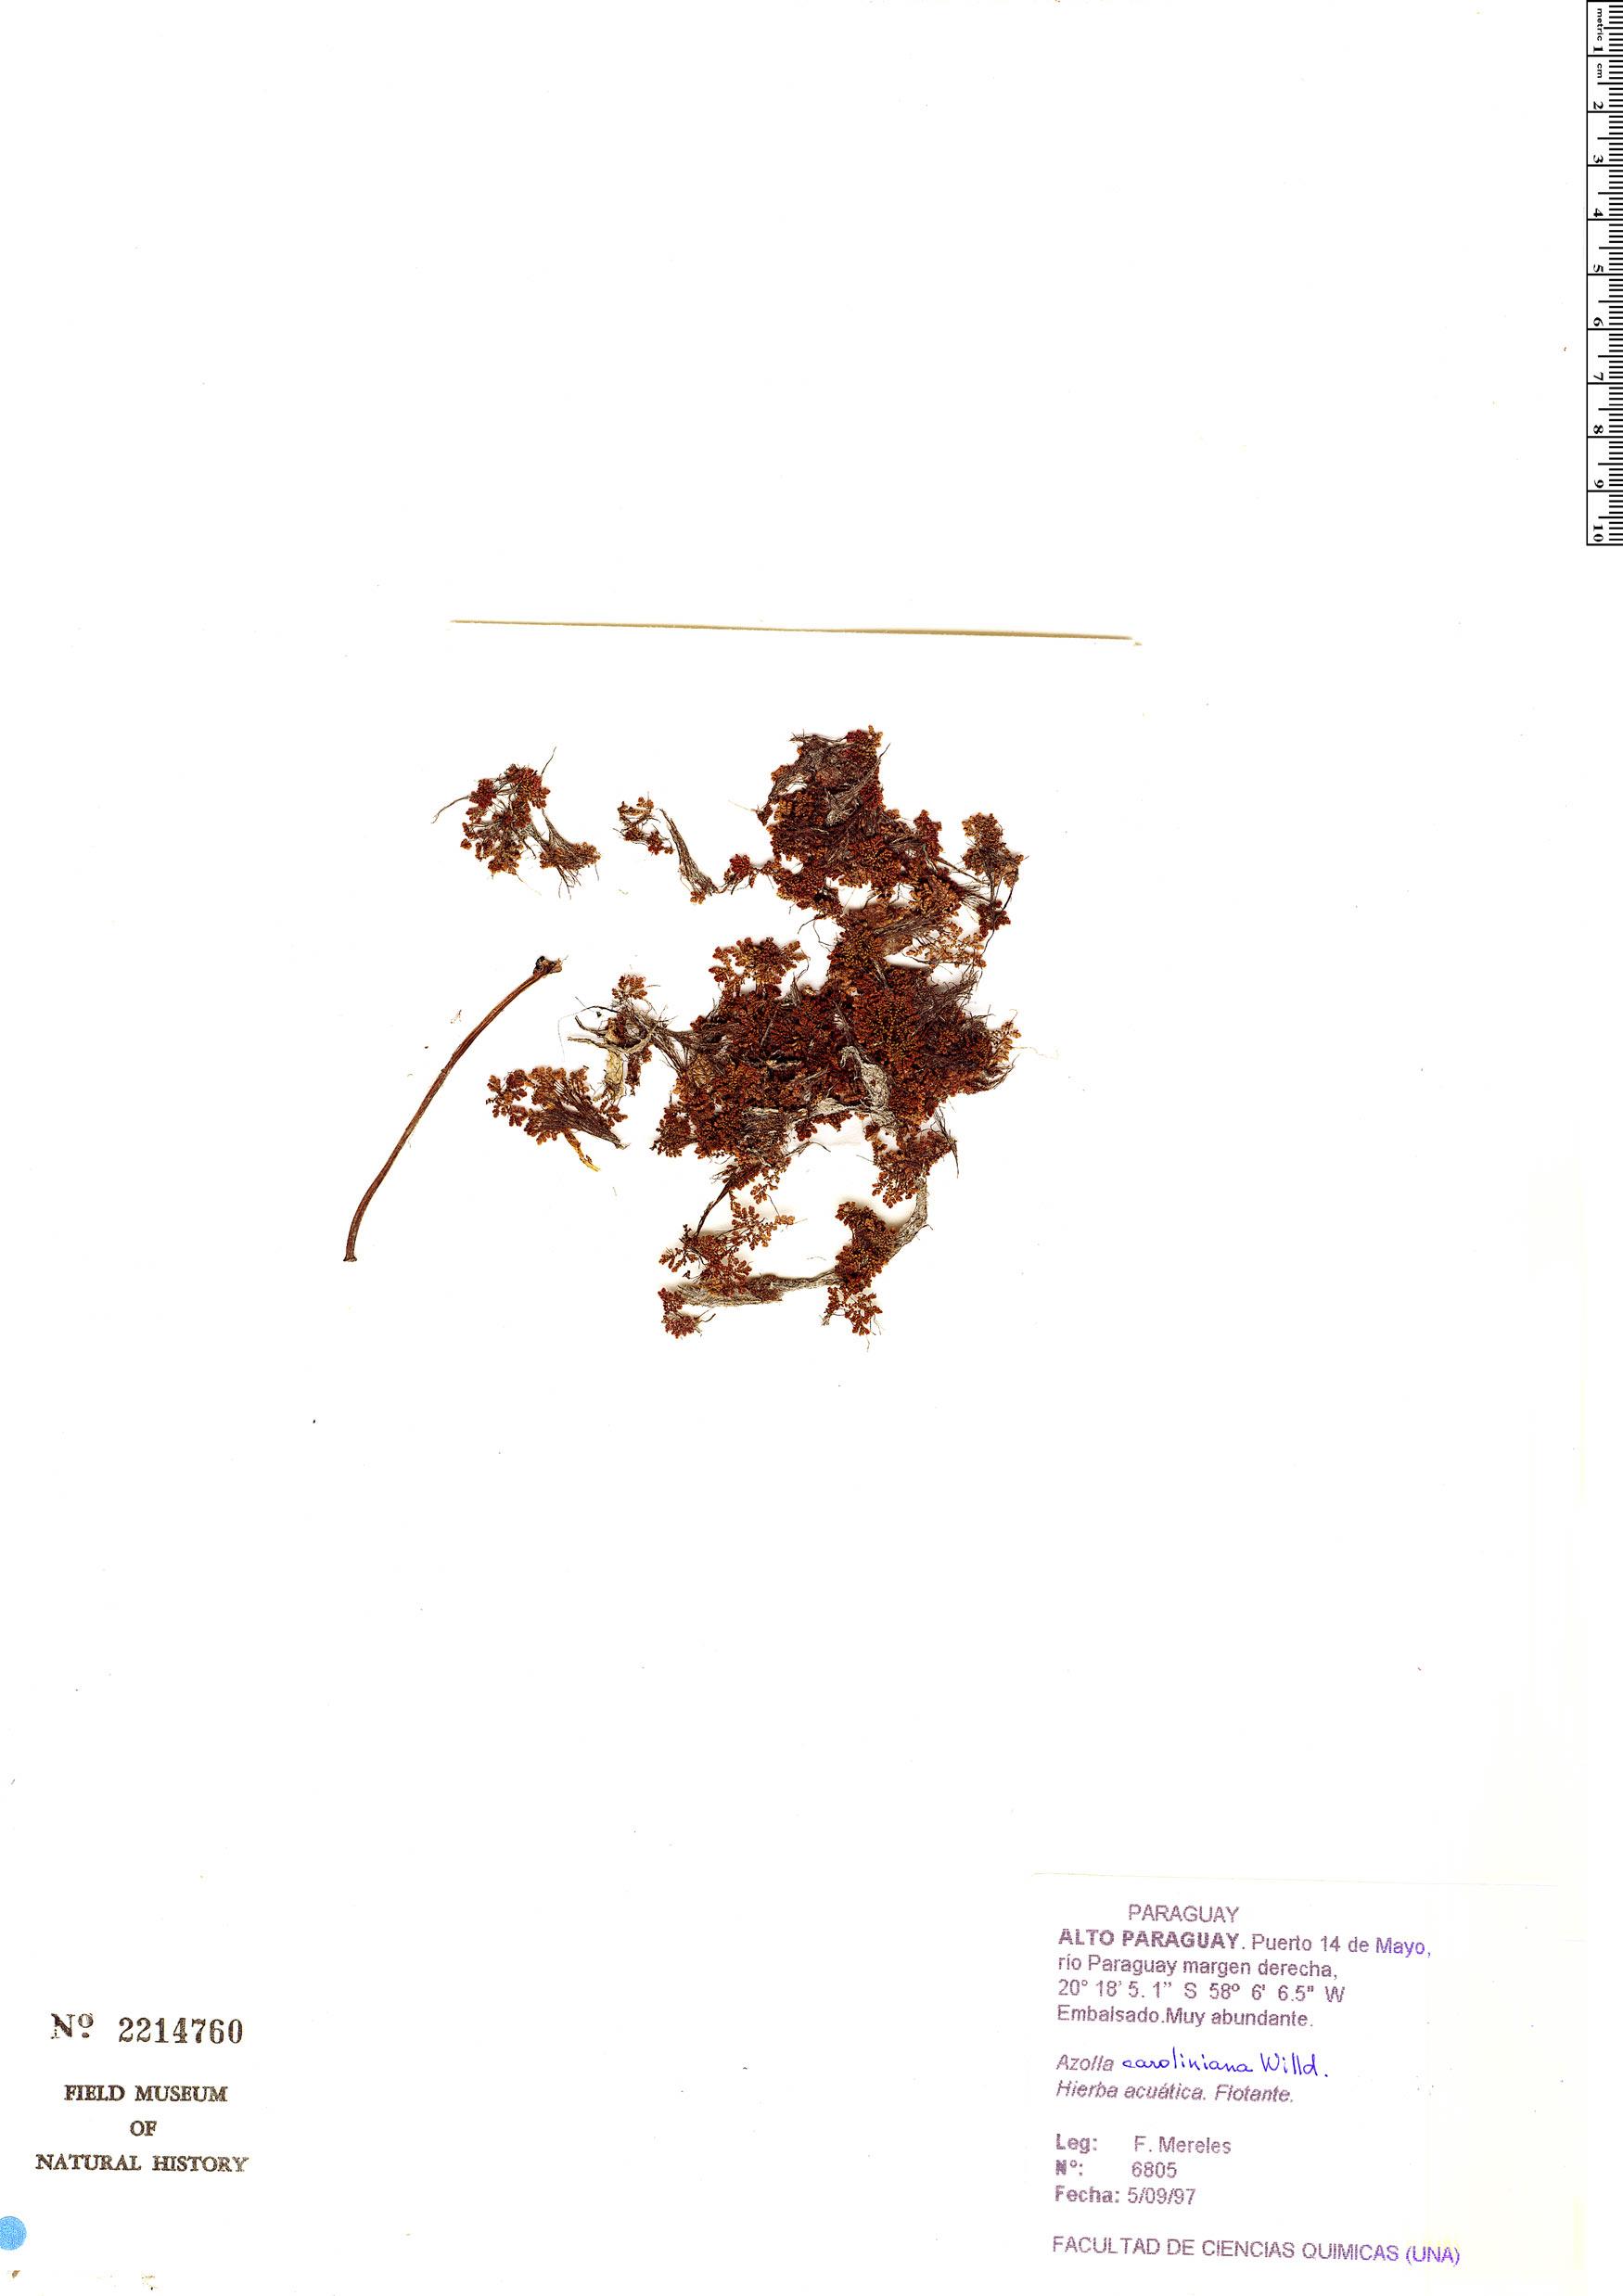 Specimen: Azolla caroliniana